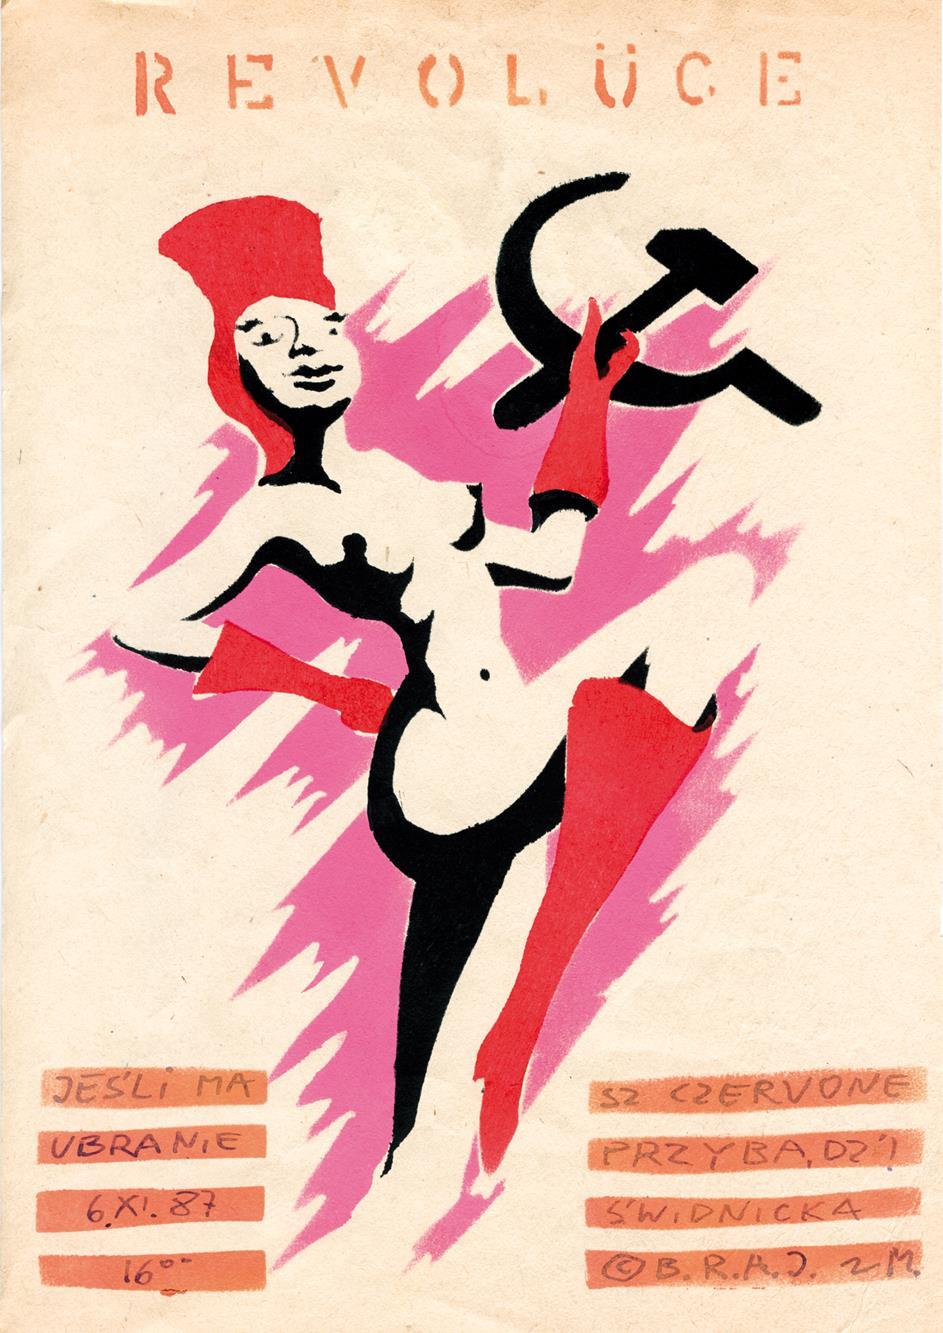 """Jacek """"Ponton"""" Jankowski, Wigilia rewolucji październikowej (plakat dla Pomarańczowej Alternatywy), 1988. Dzięki uprzejmości artysty"""